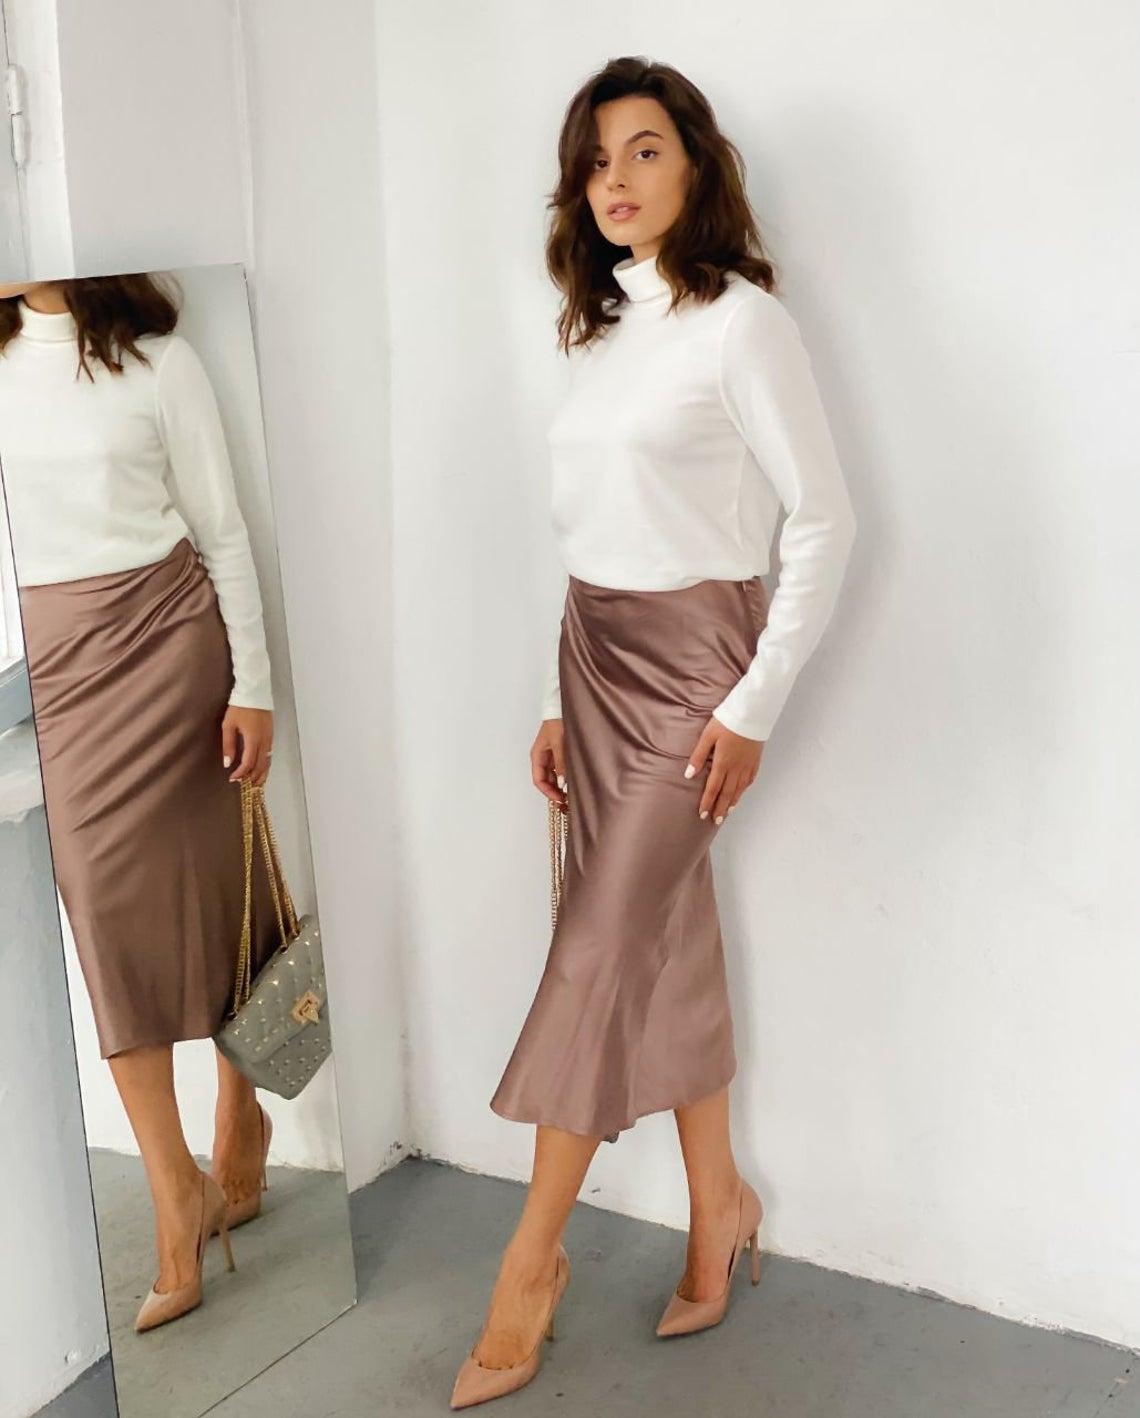 Silk slip skirt French beige elegant skirt Silk slip skirt High waisted skirt midi skirt lightweight skirt vintage skirt